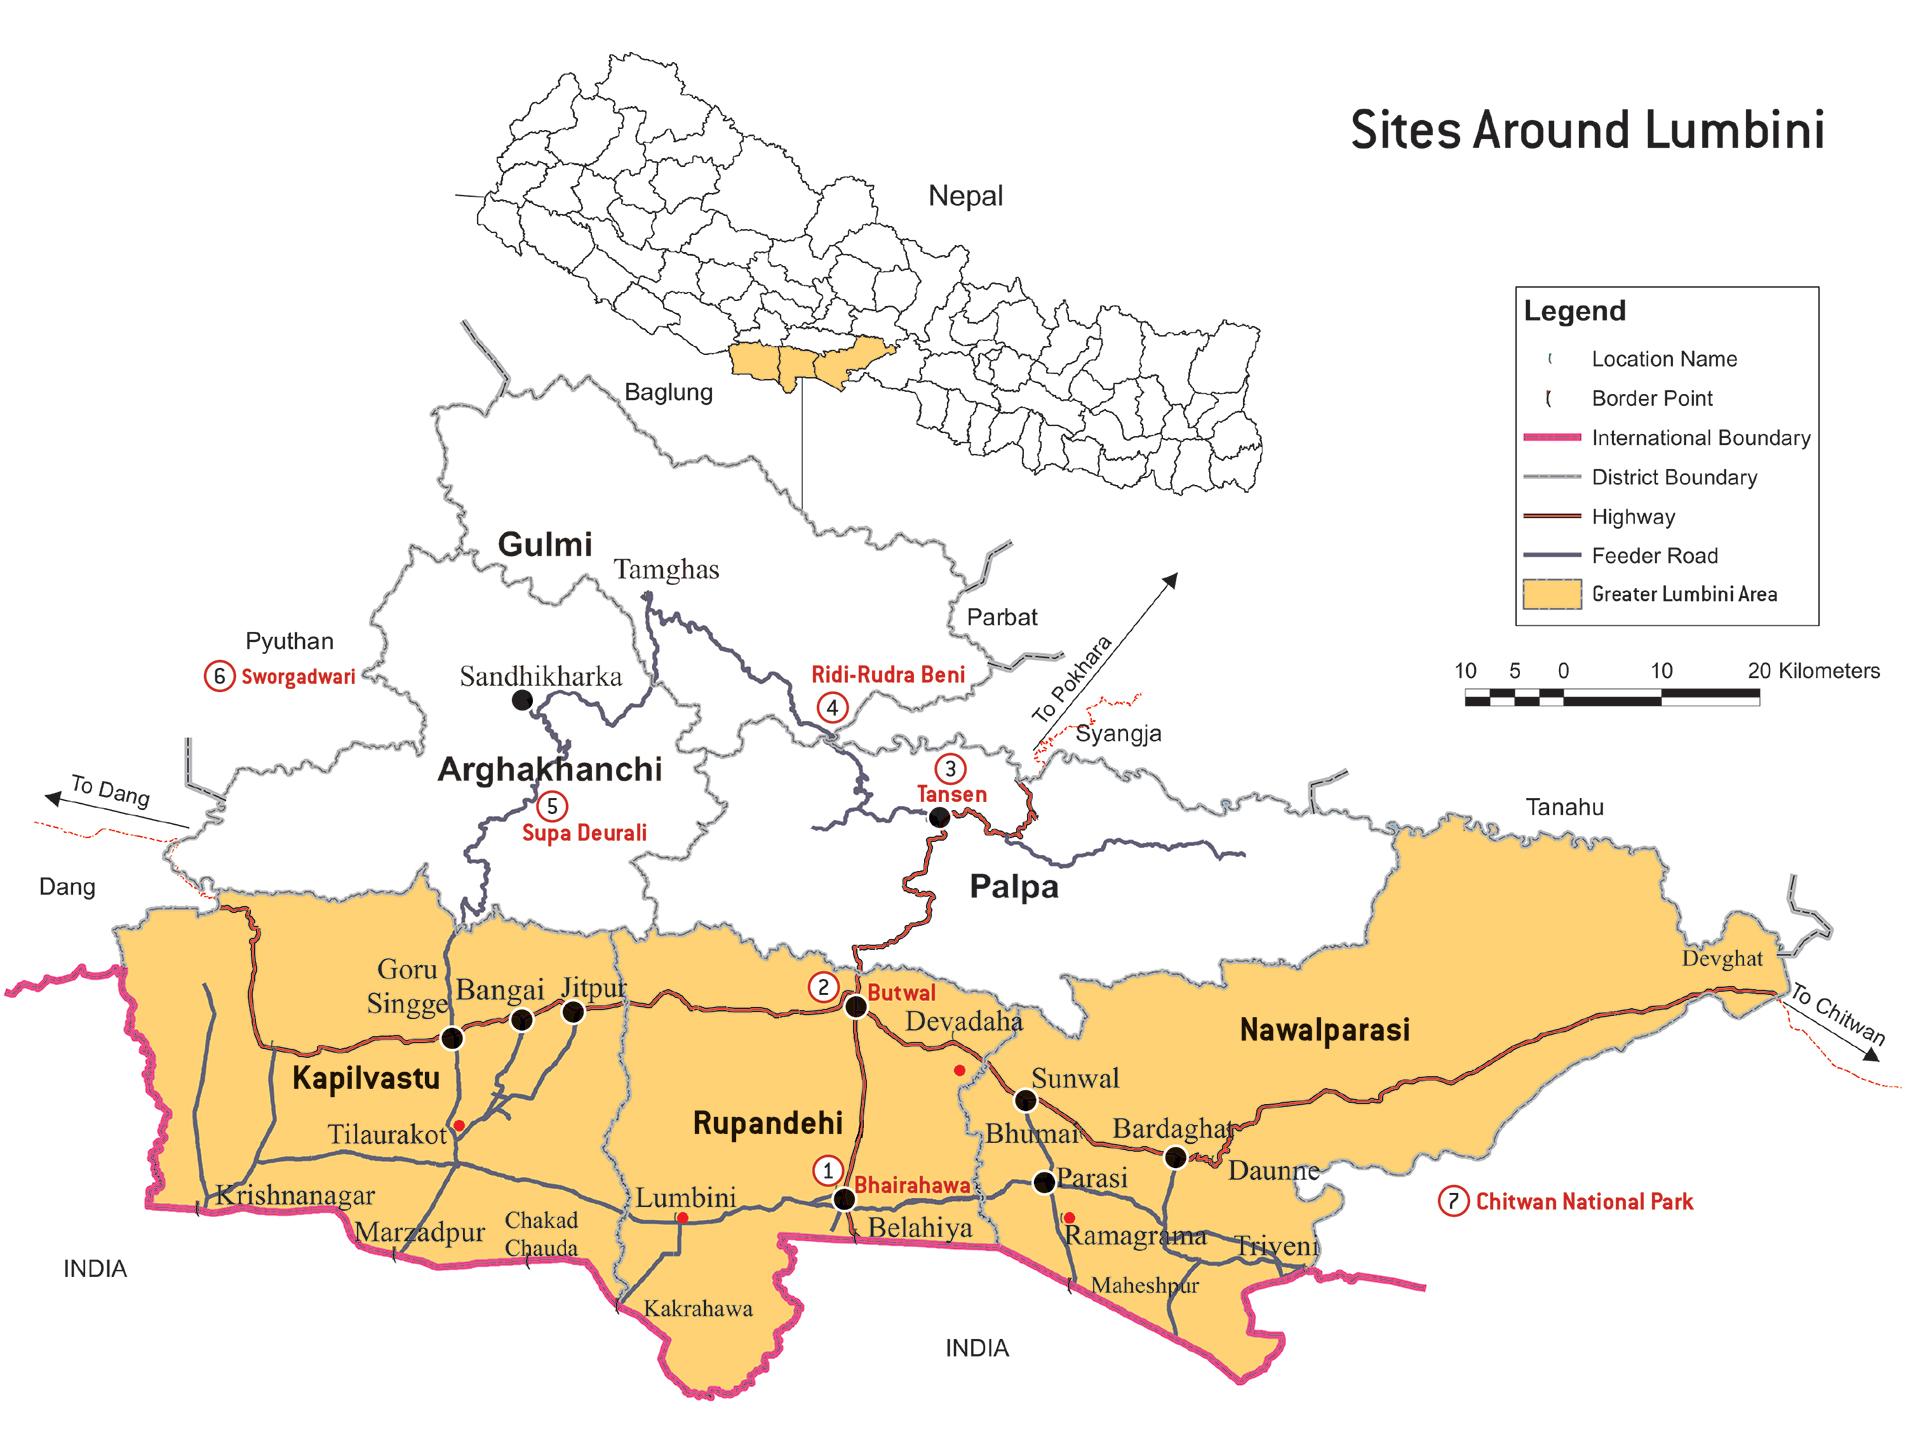 The Greater Lumbini Area